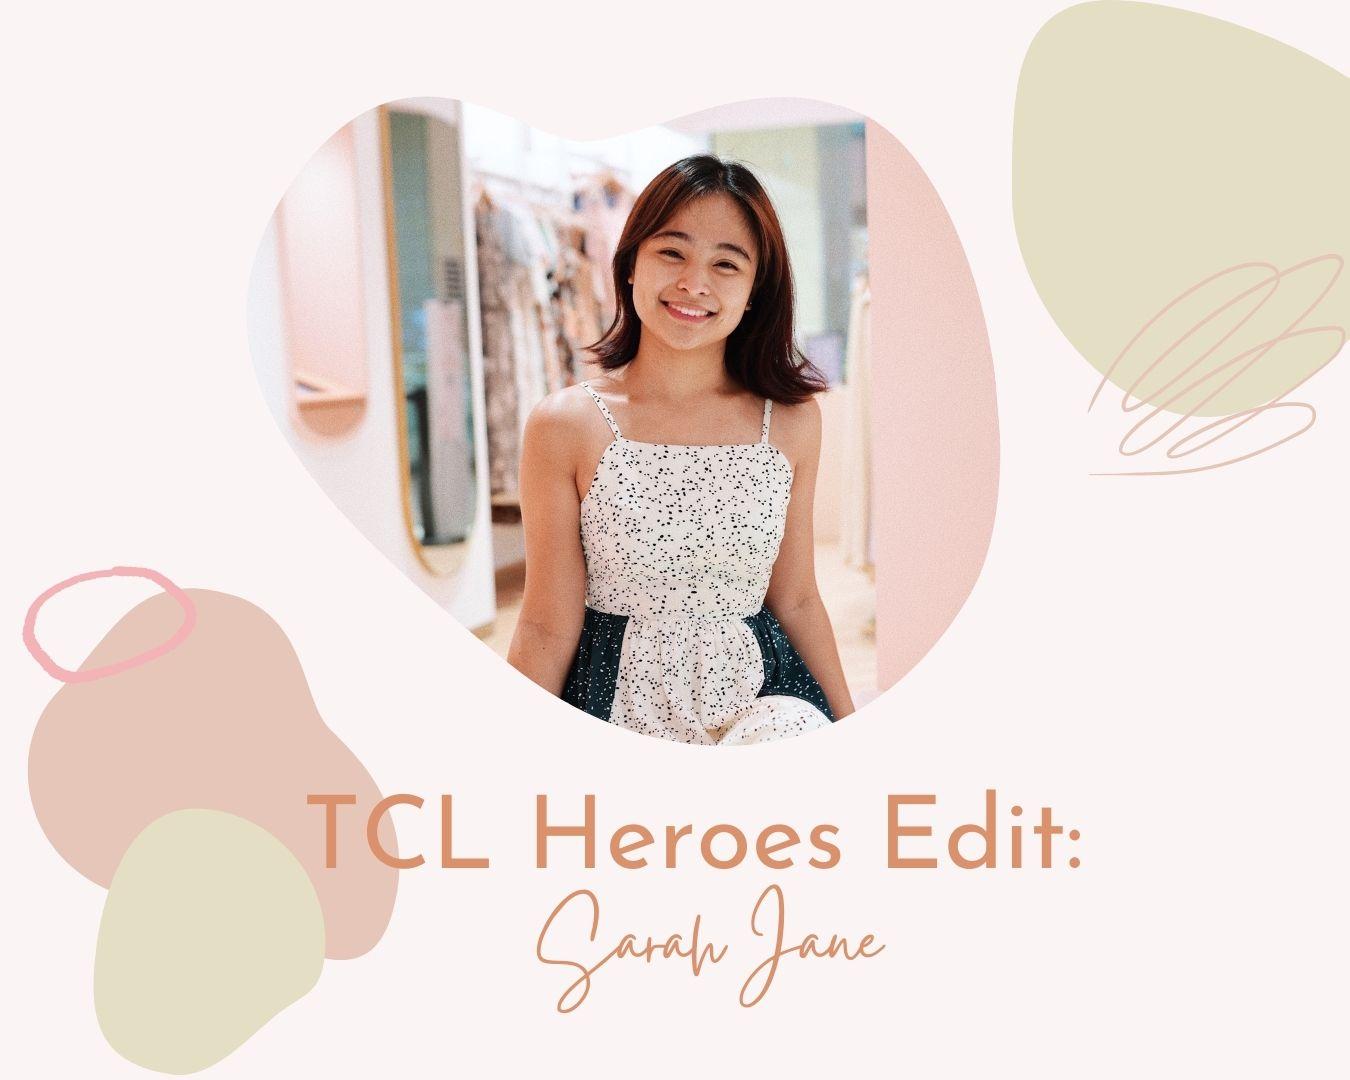 TCL Heroes Edit: Sarah Jane